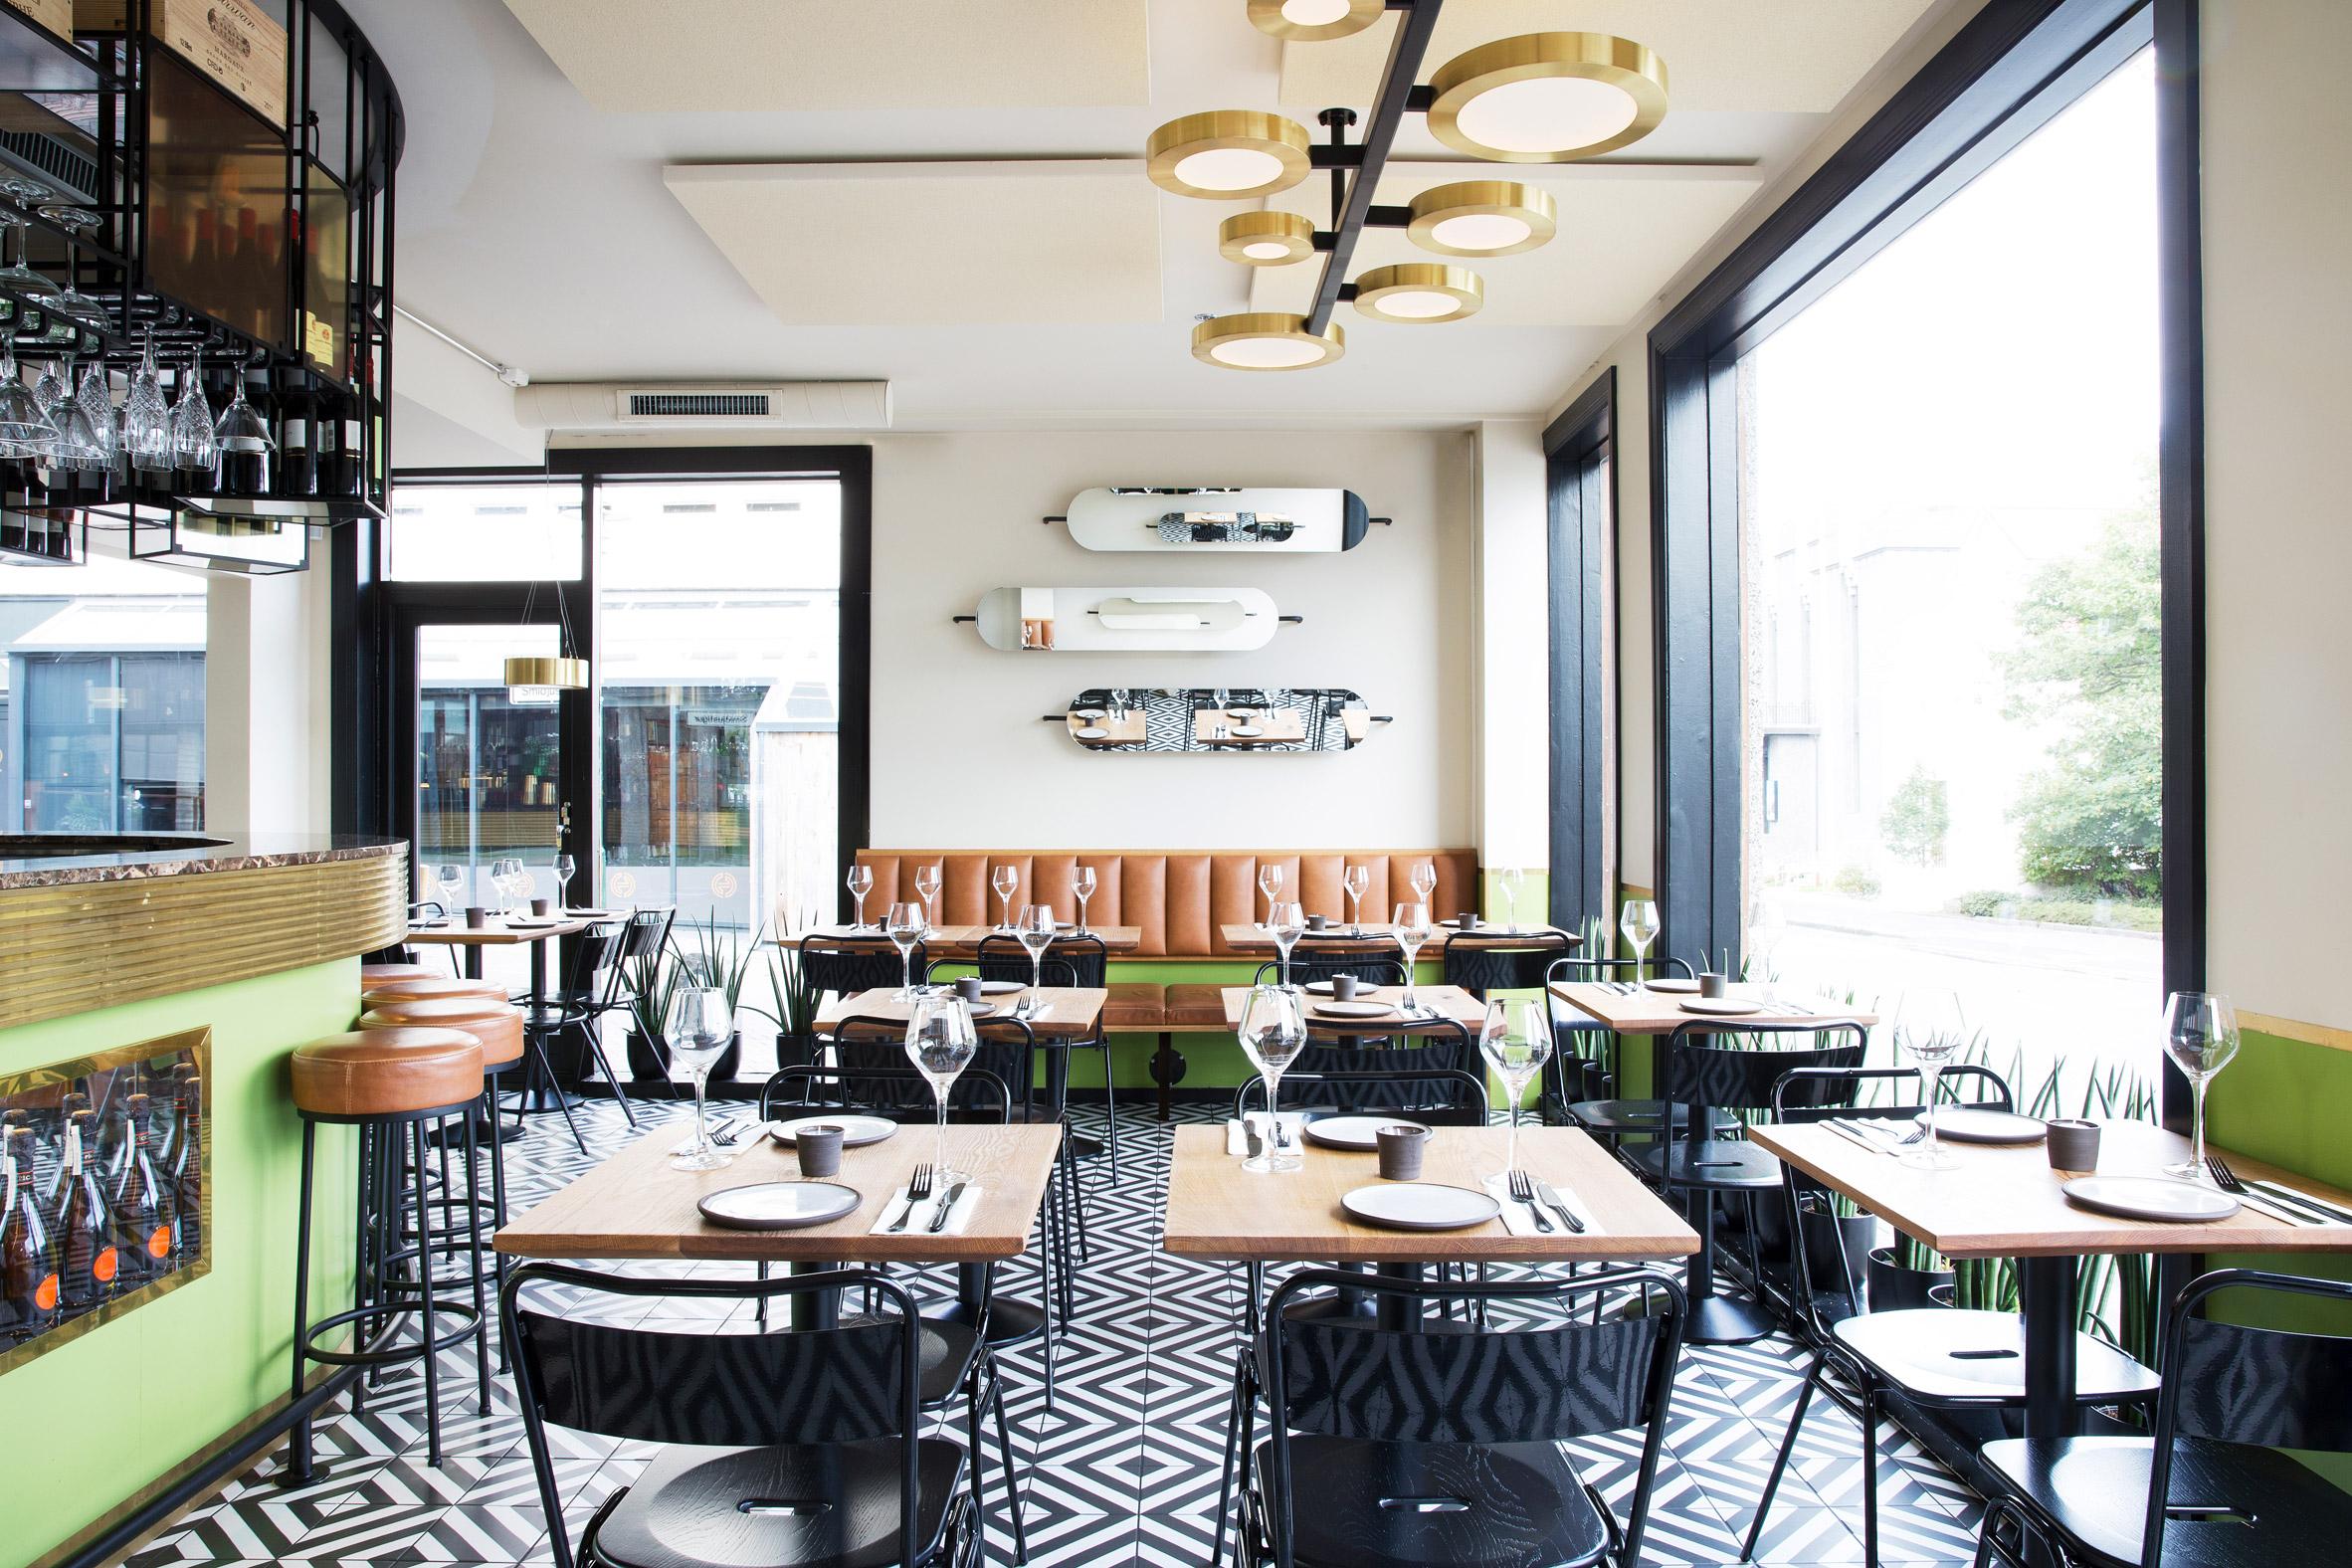 Haf Studio completes 1960s-styled restaurant in Reykjavík